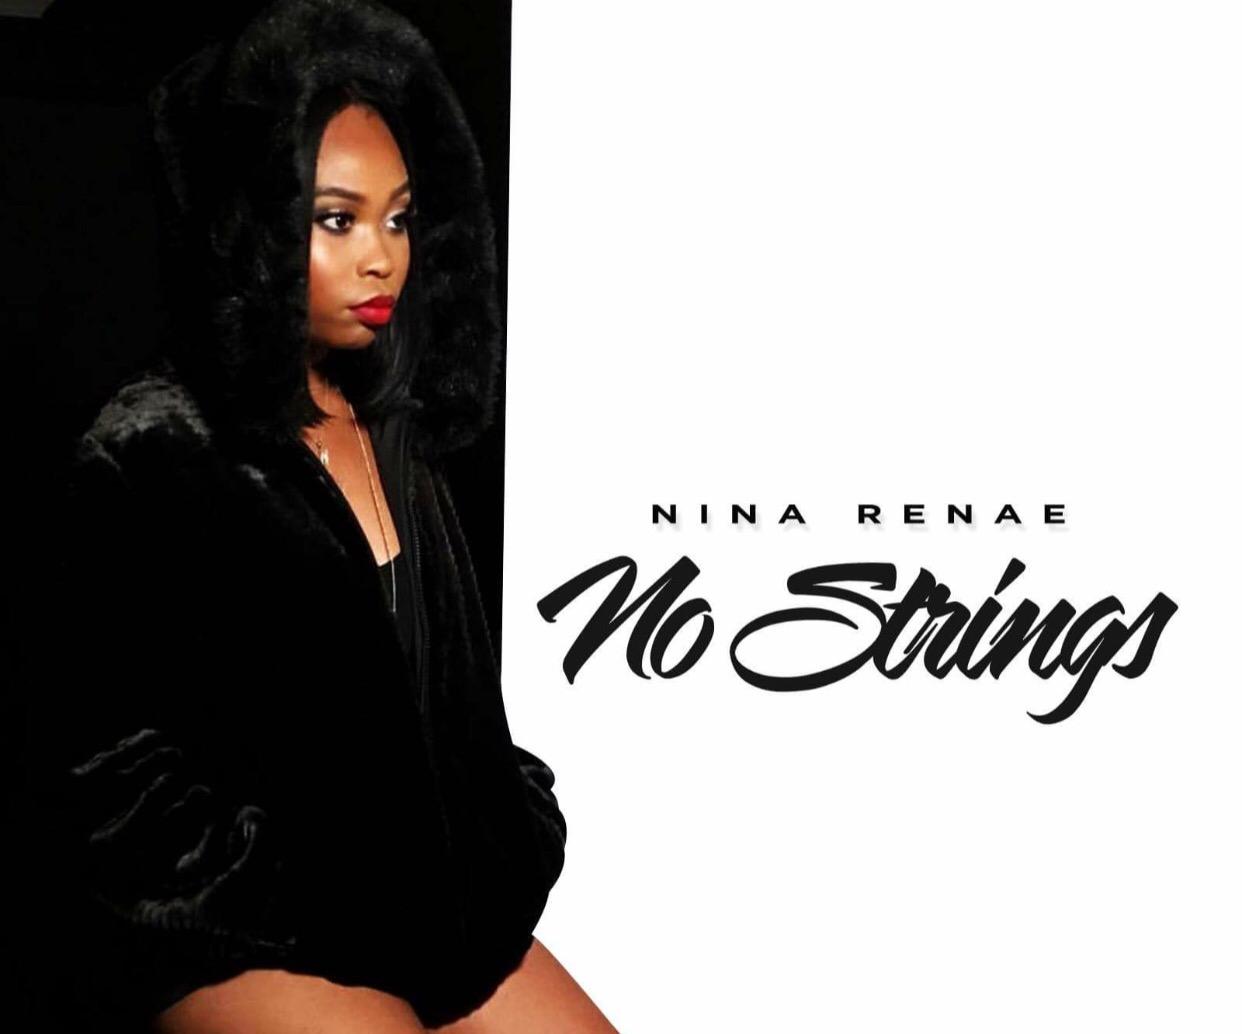 Nina Renae No Strings